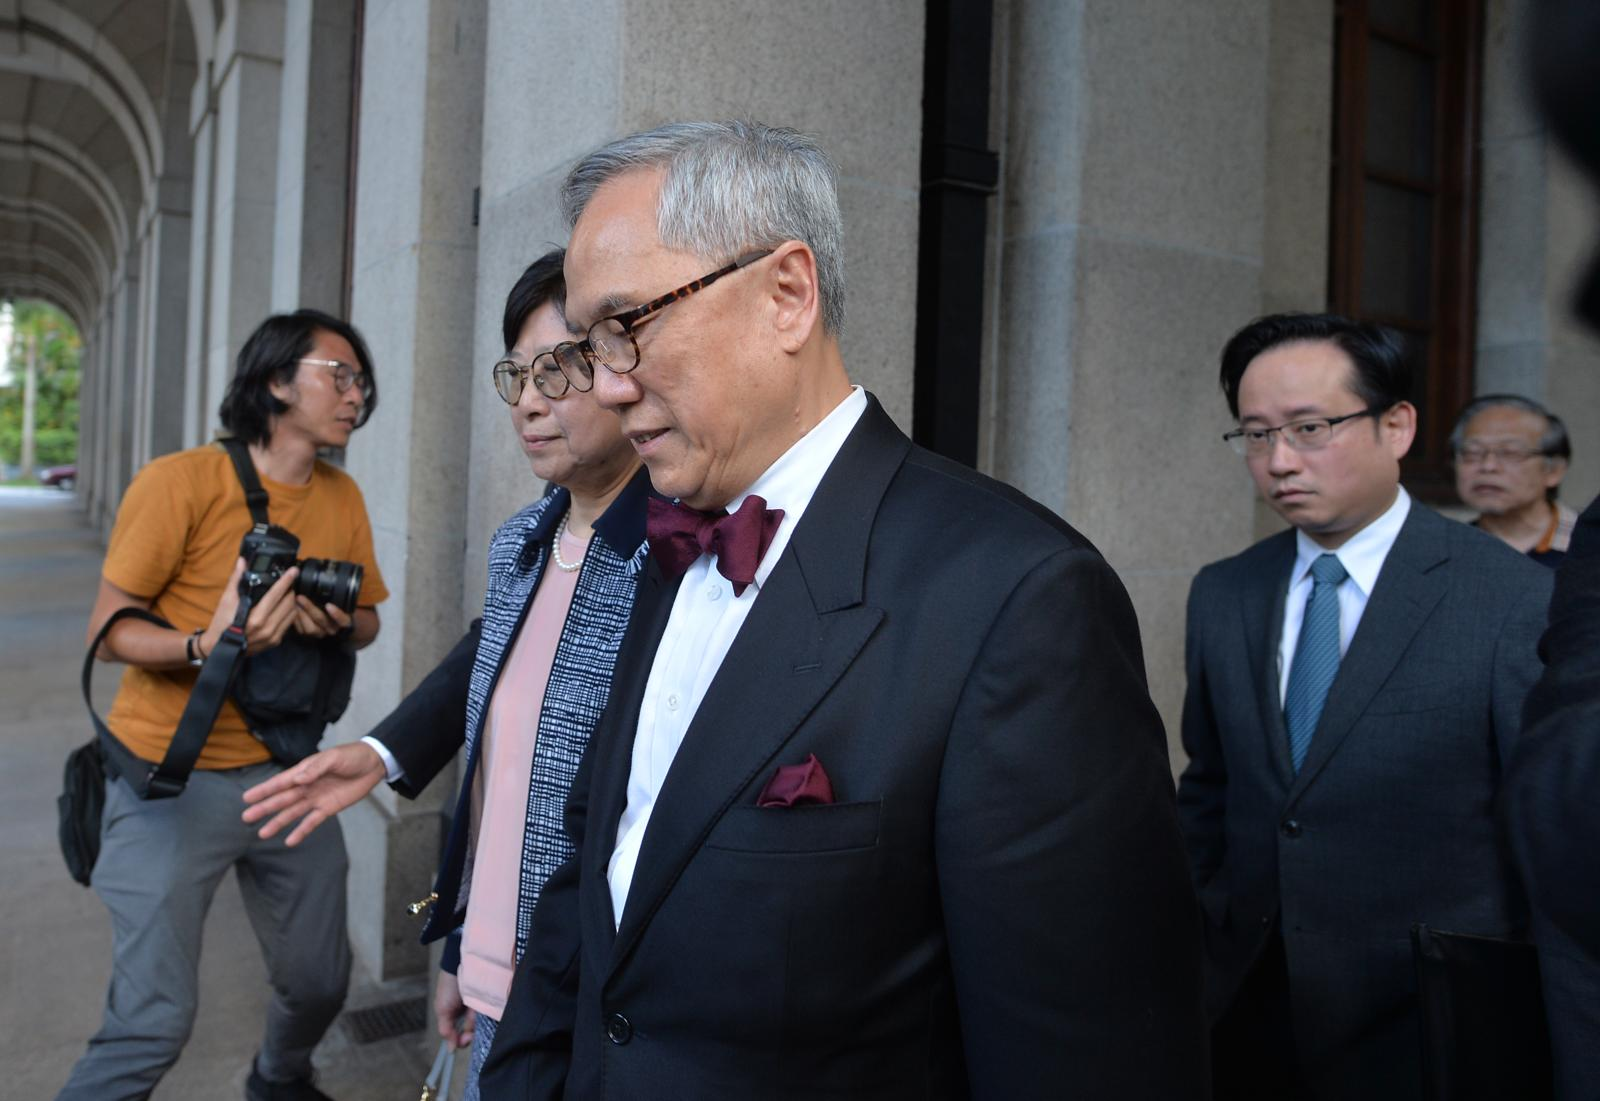 【曾蔭權案】首席法官馬道立宣布押後書面裁決 曾蔭權偕妻手牽手離開法庭